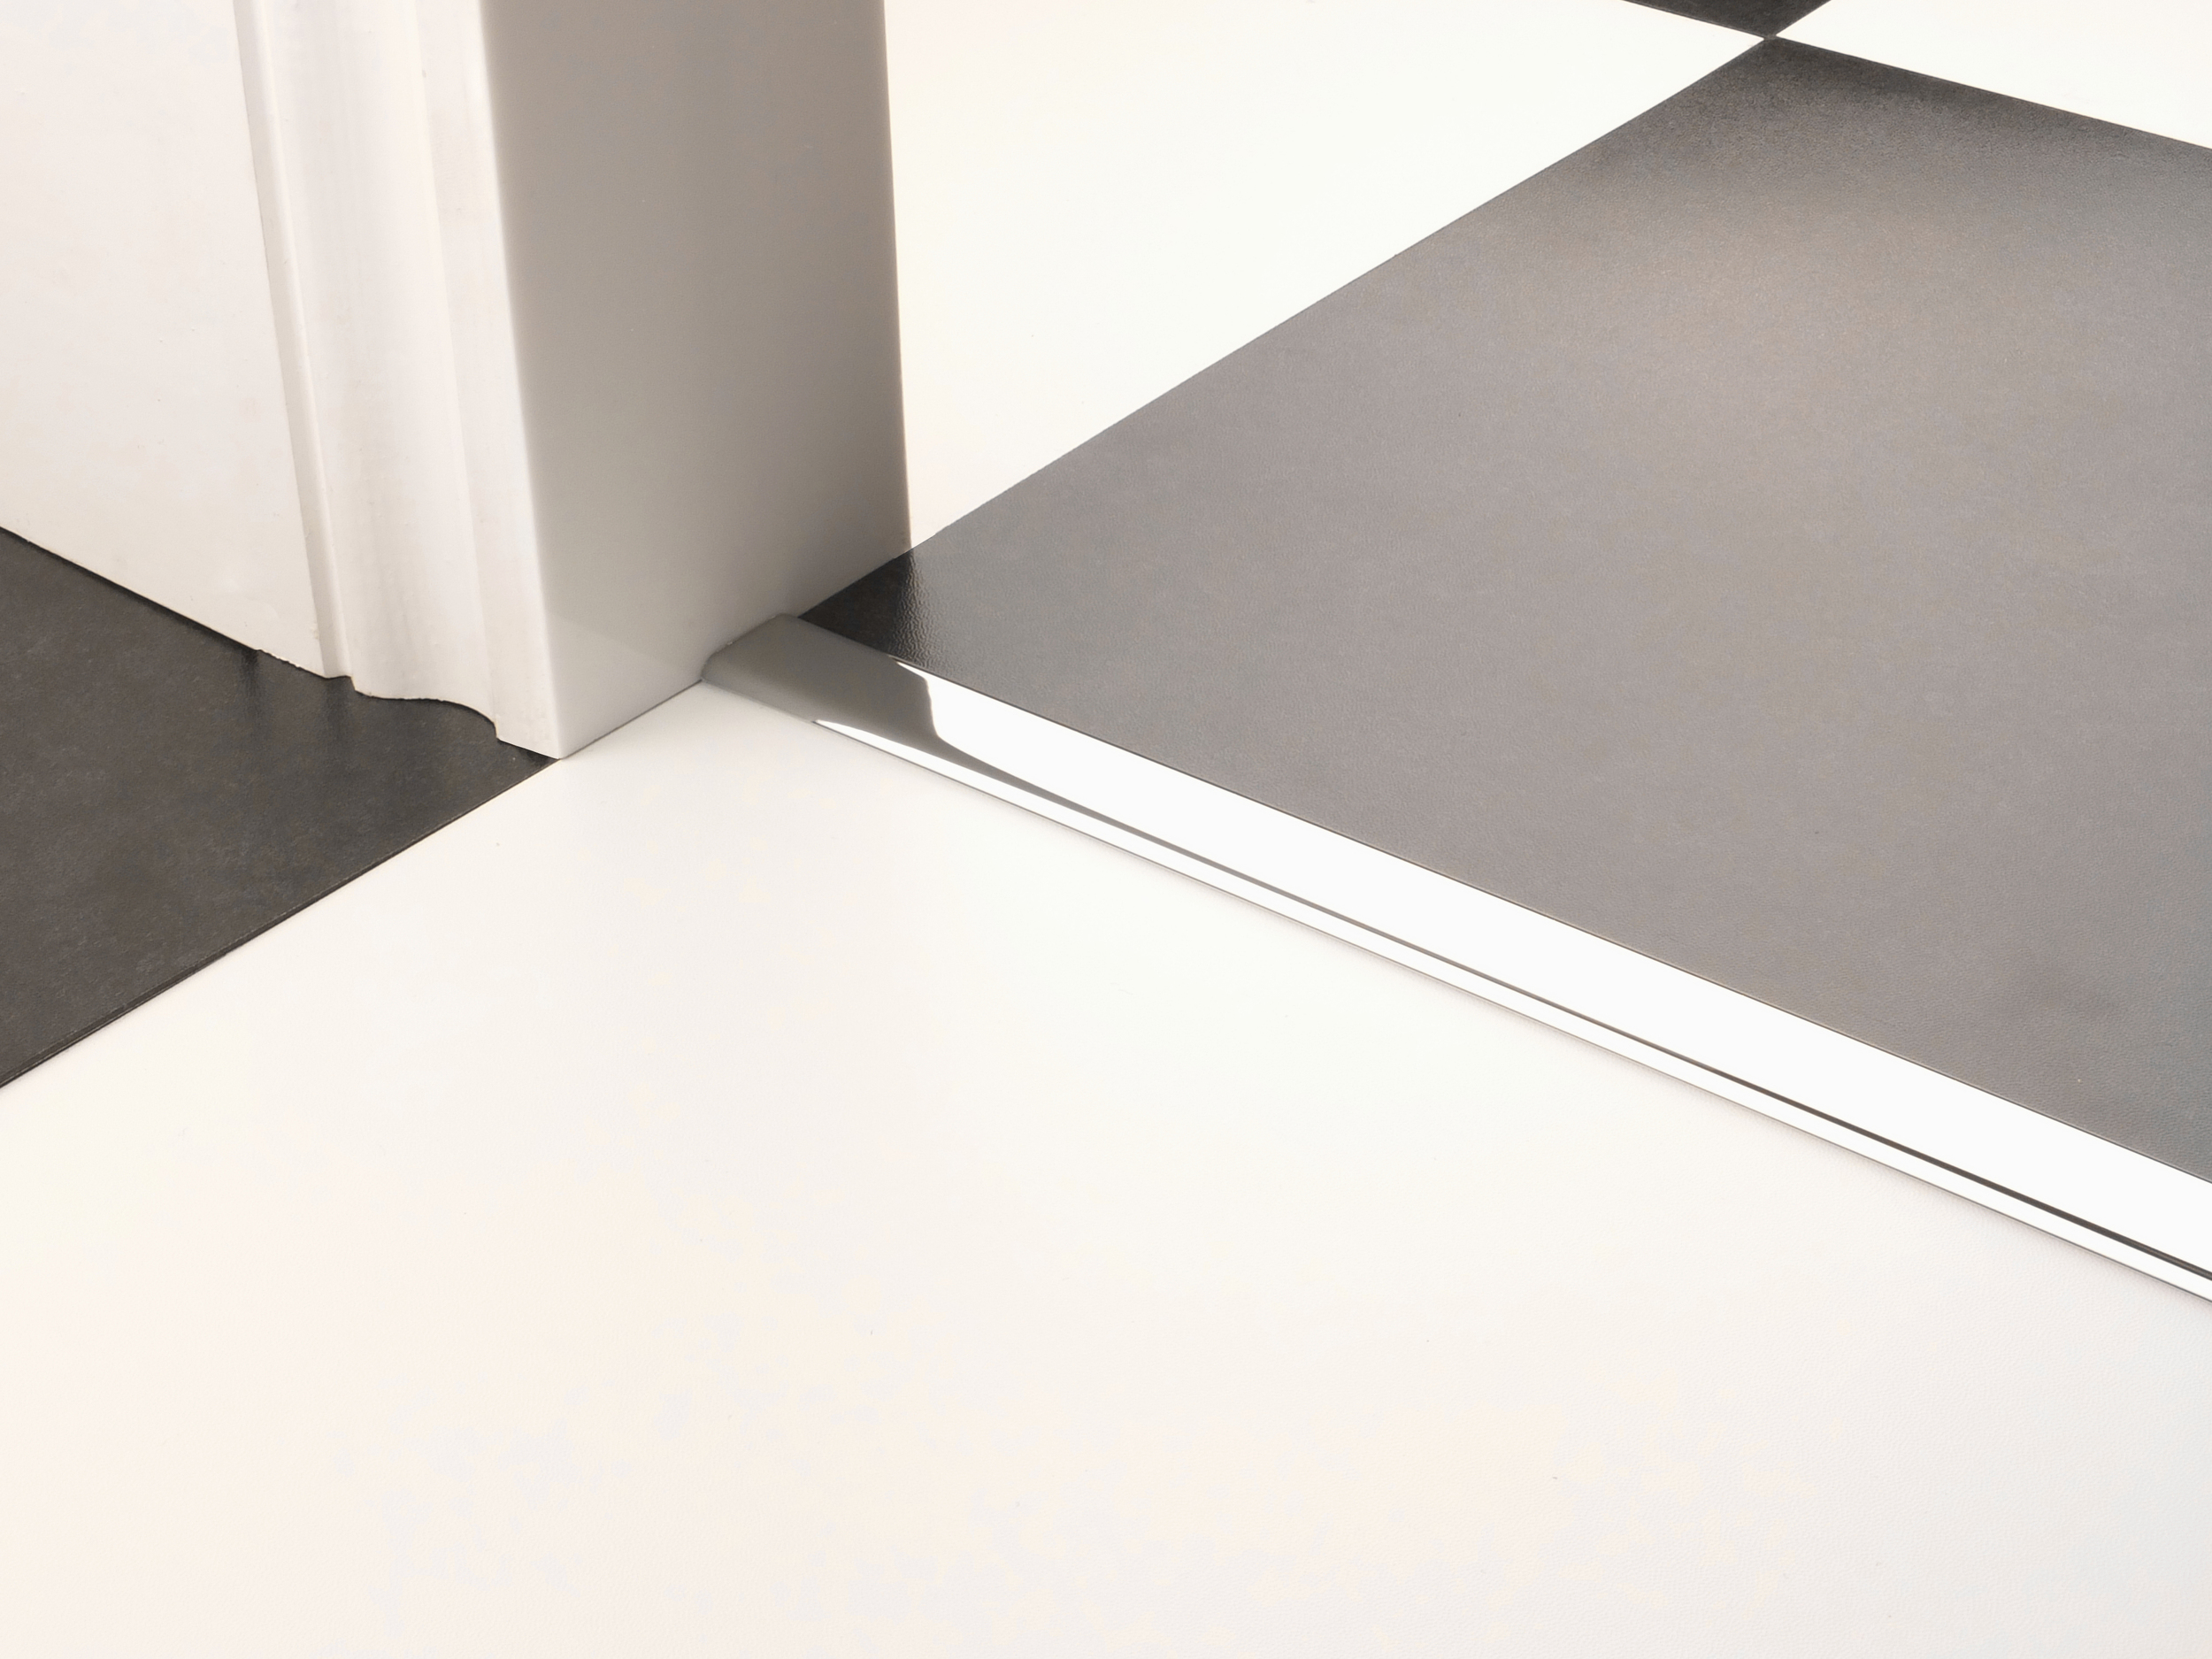 stairrods-doorbar-chrome-vinyl-edge.jpg